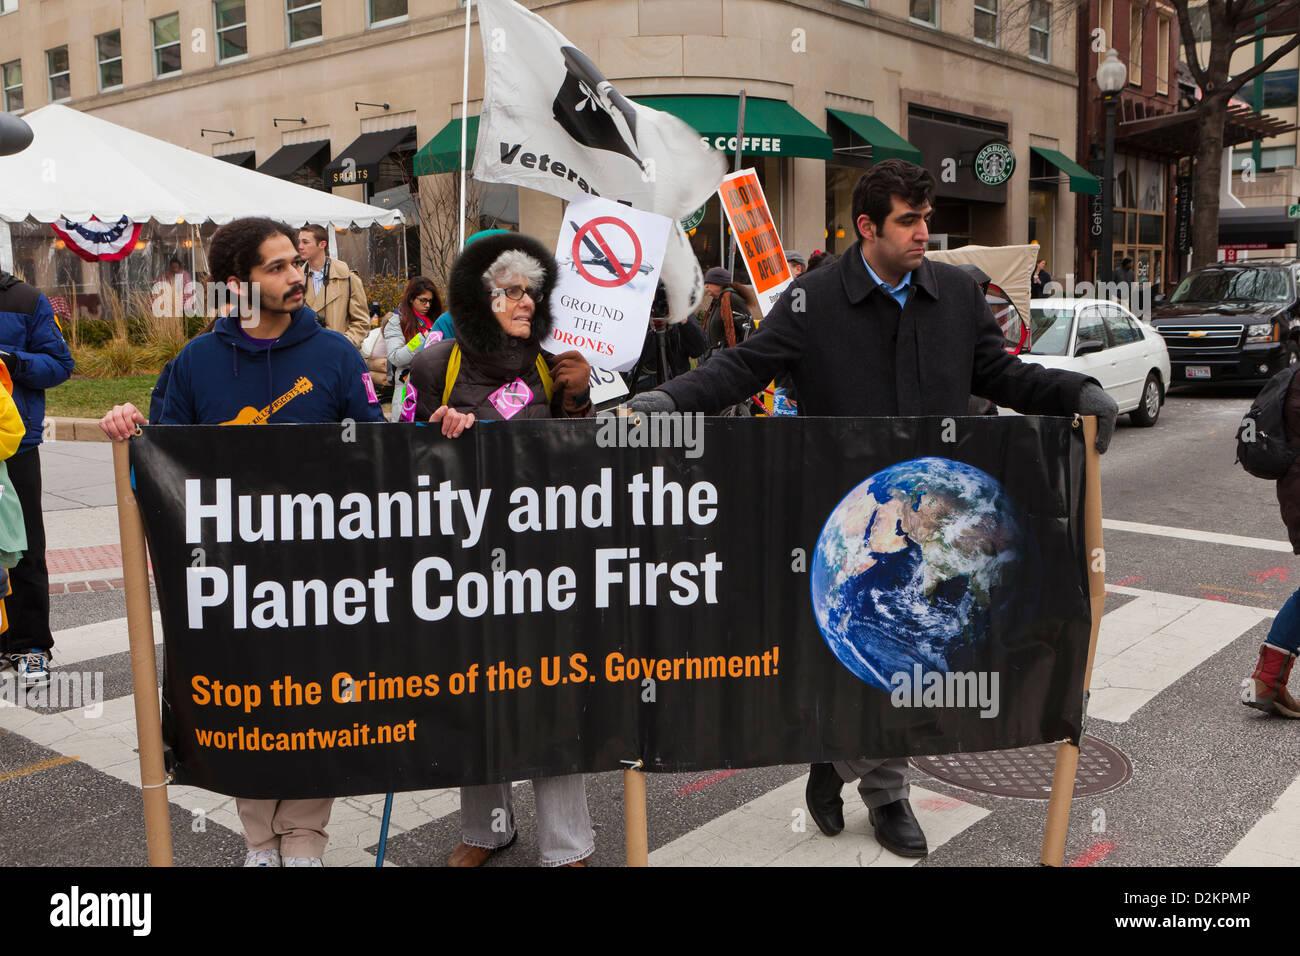 Los activistas ambientales, sosteniendo la bandera en protesta - Washington, DC, EE.UU. Imagen De Stock